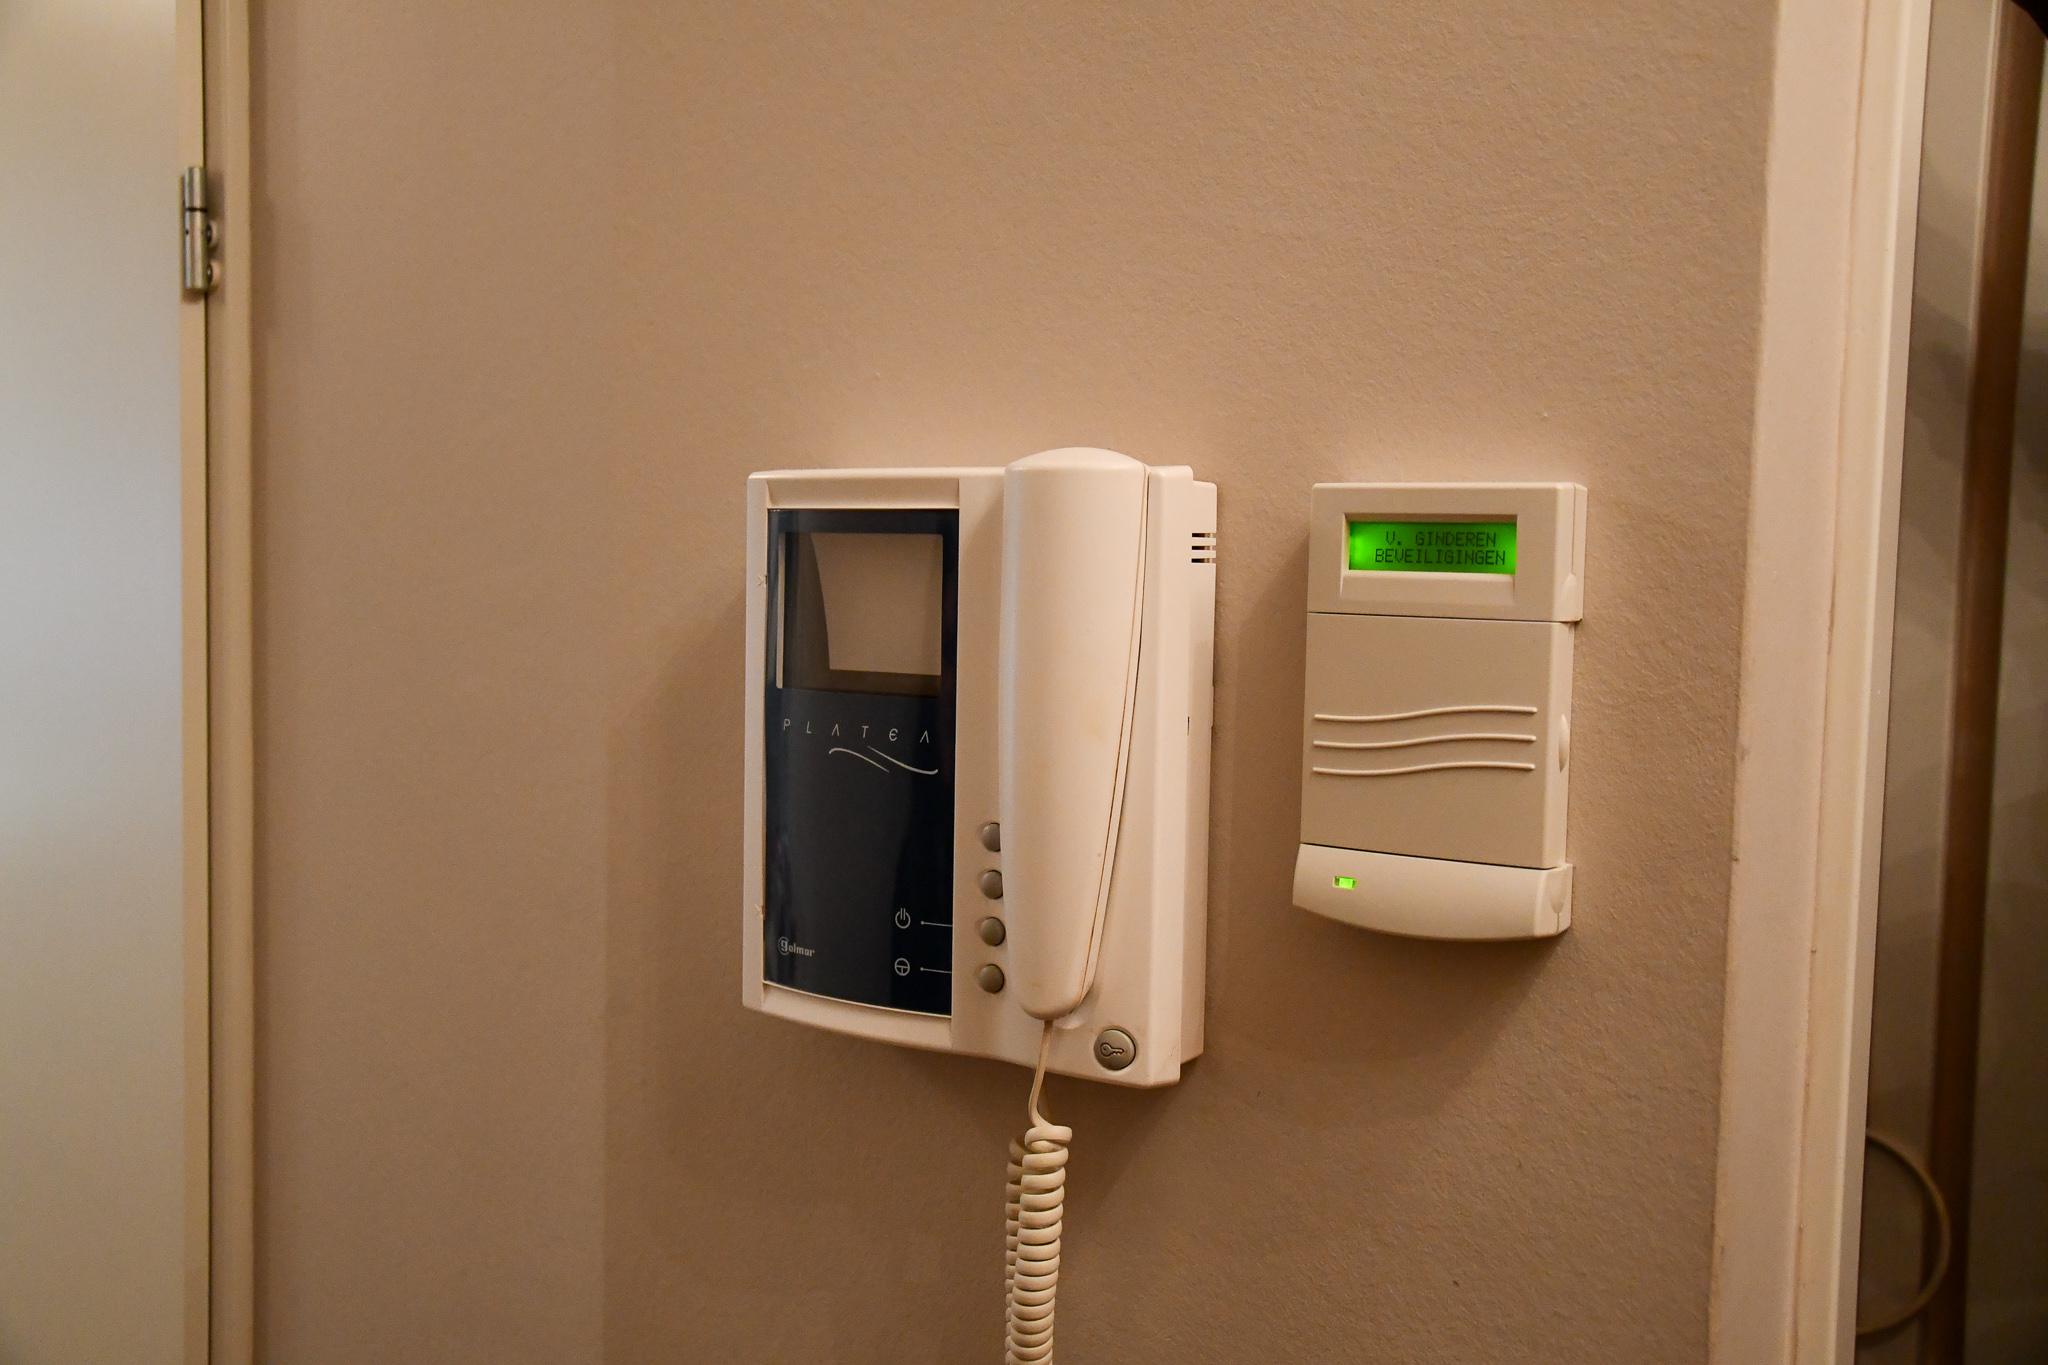 telefonische beveiliging van ginderen